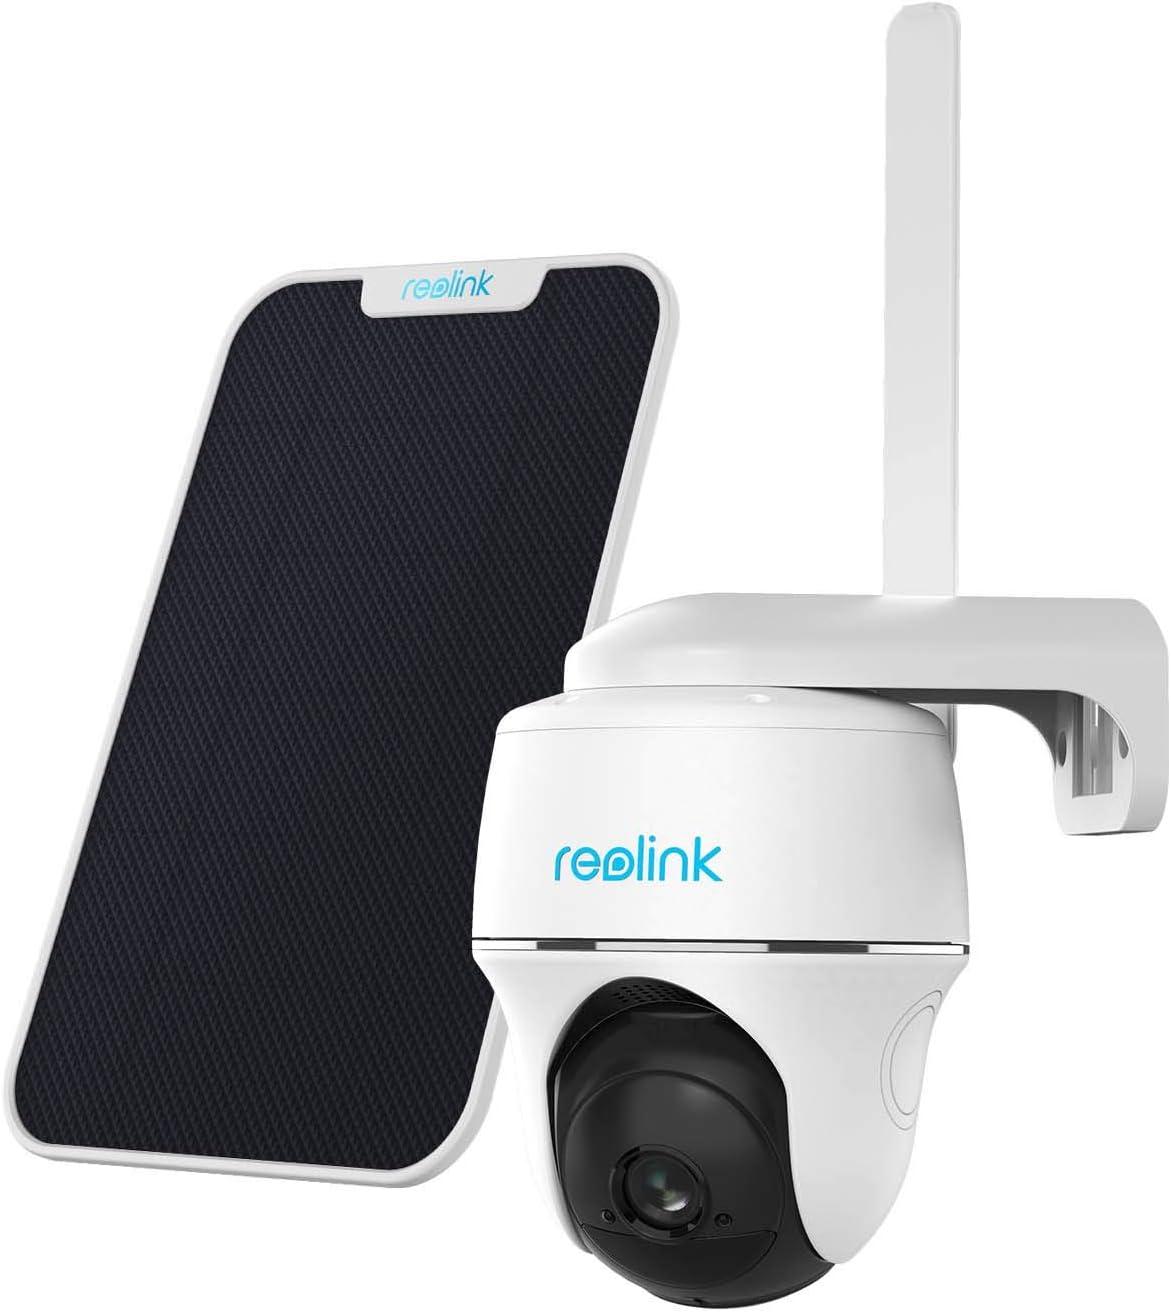 Reolink 1080P Caméra Surveillance sur Batterie Extérieure sans Fil avec 3G/4G LTE,...